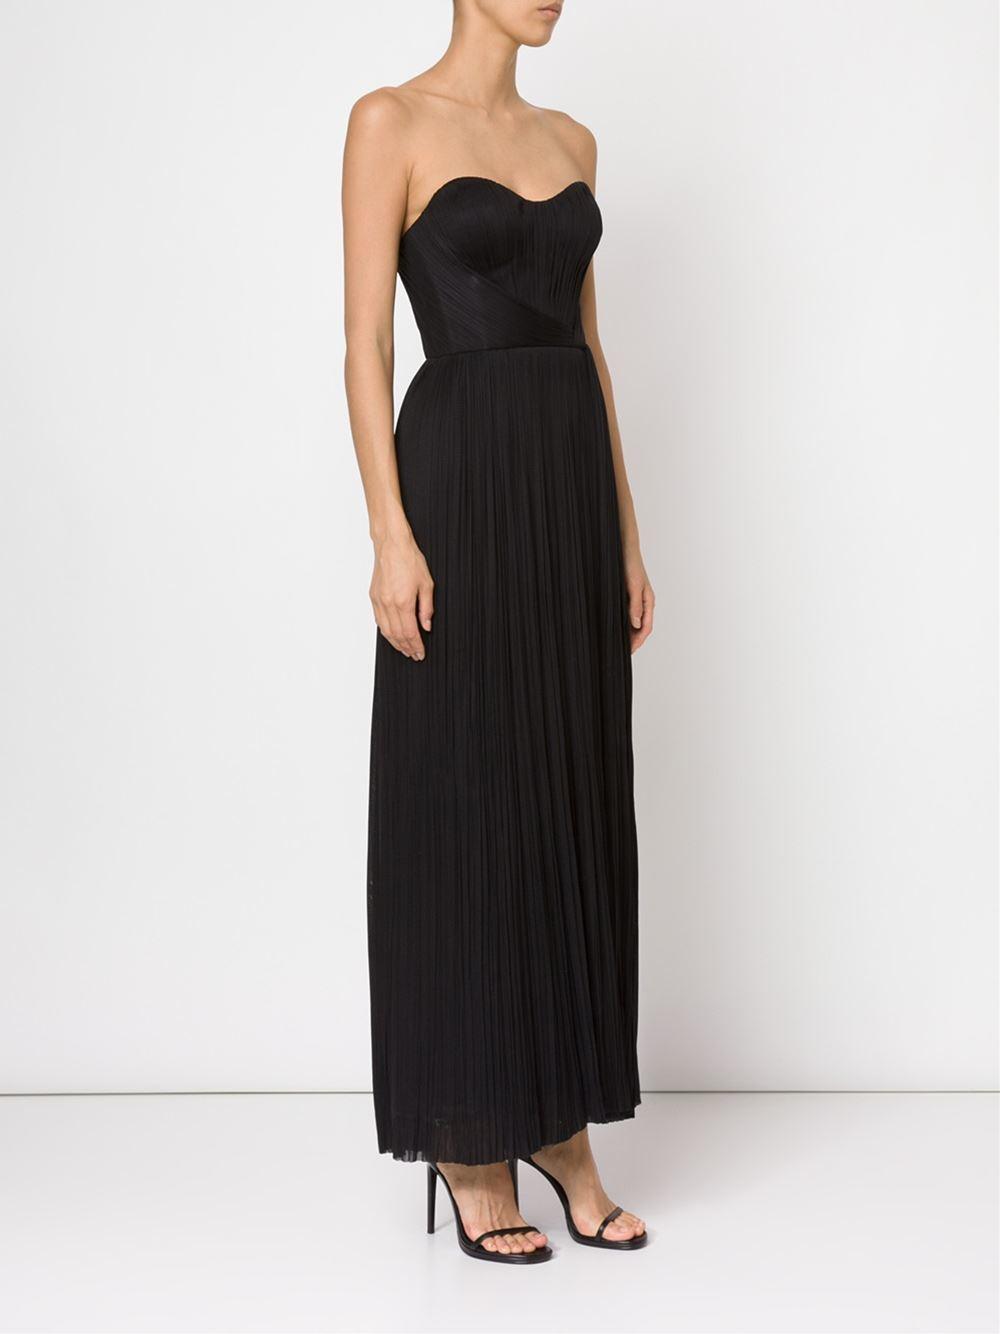 Black bustier evening dress